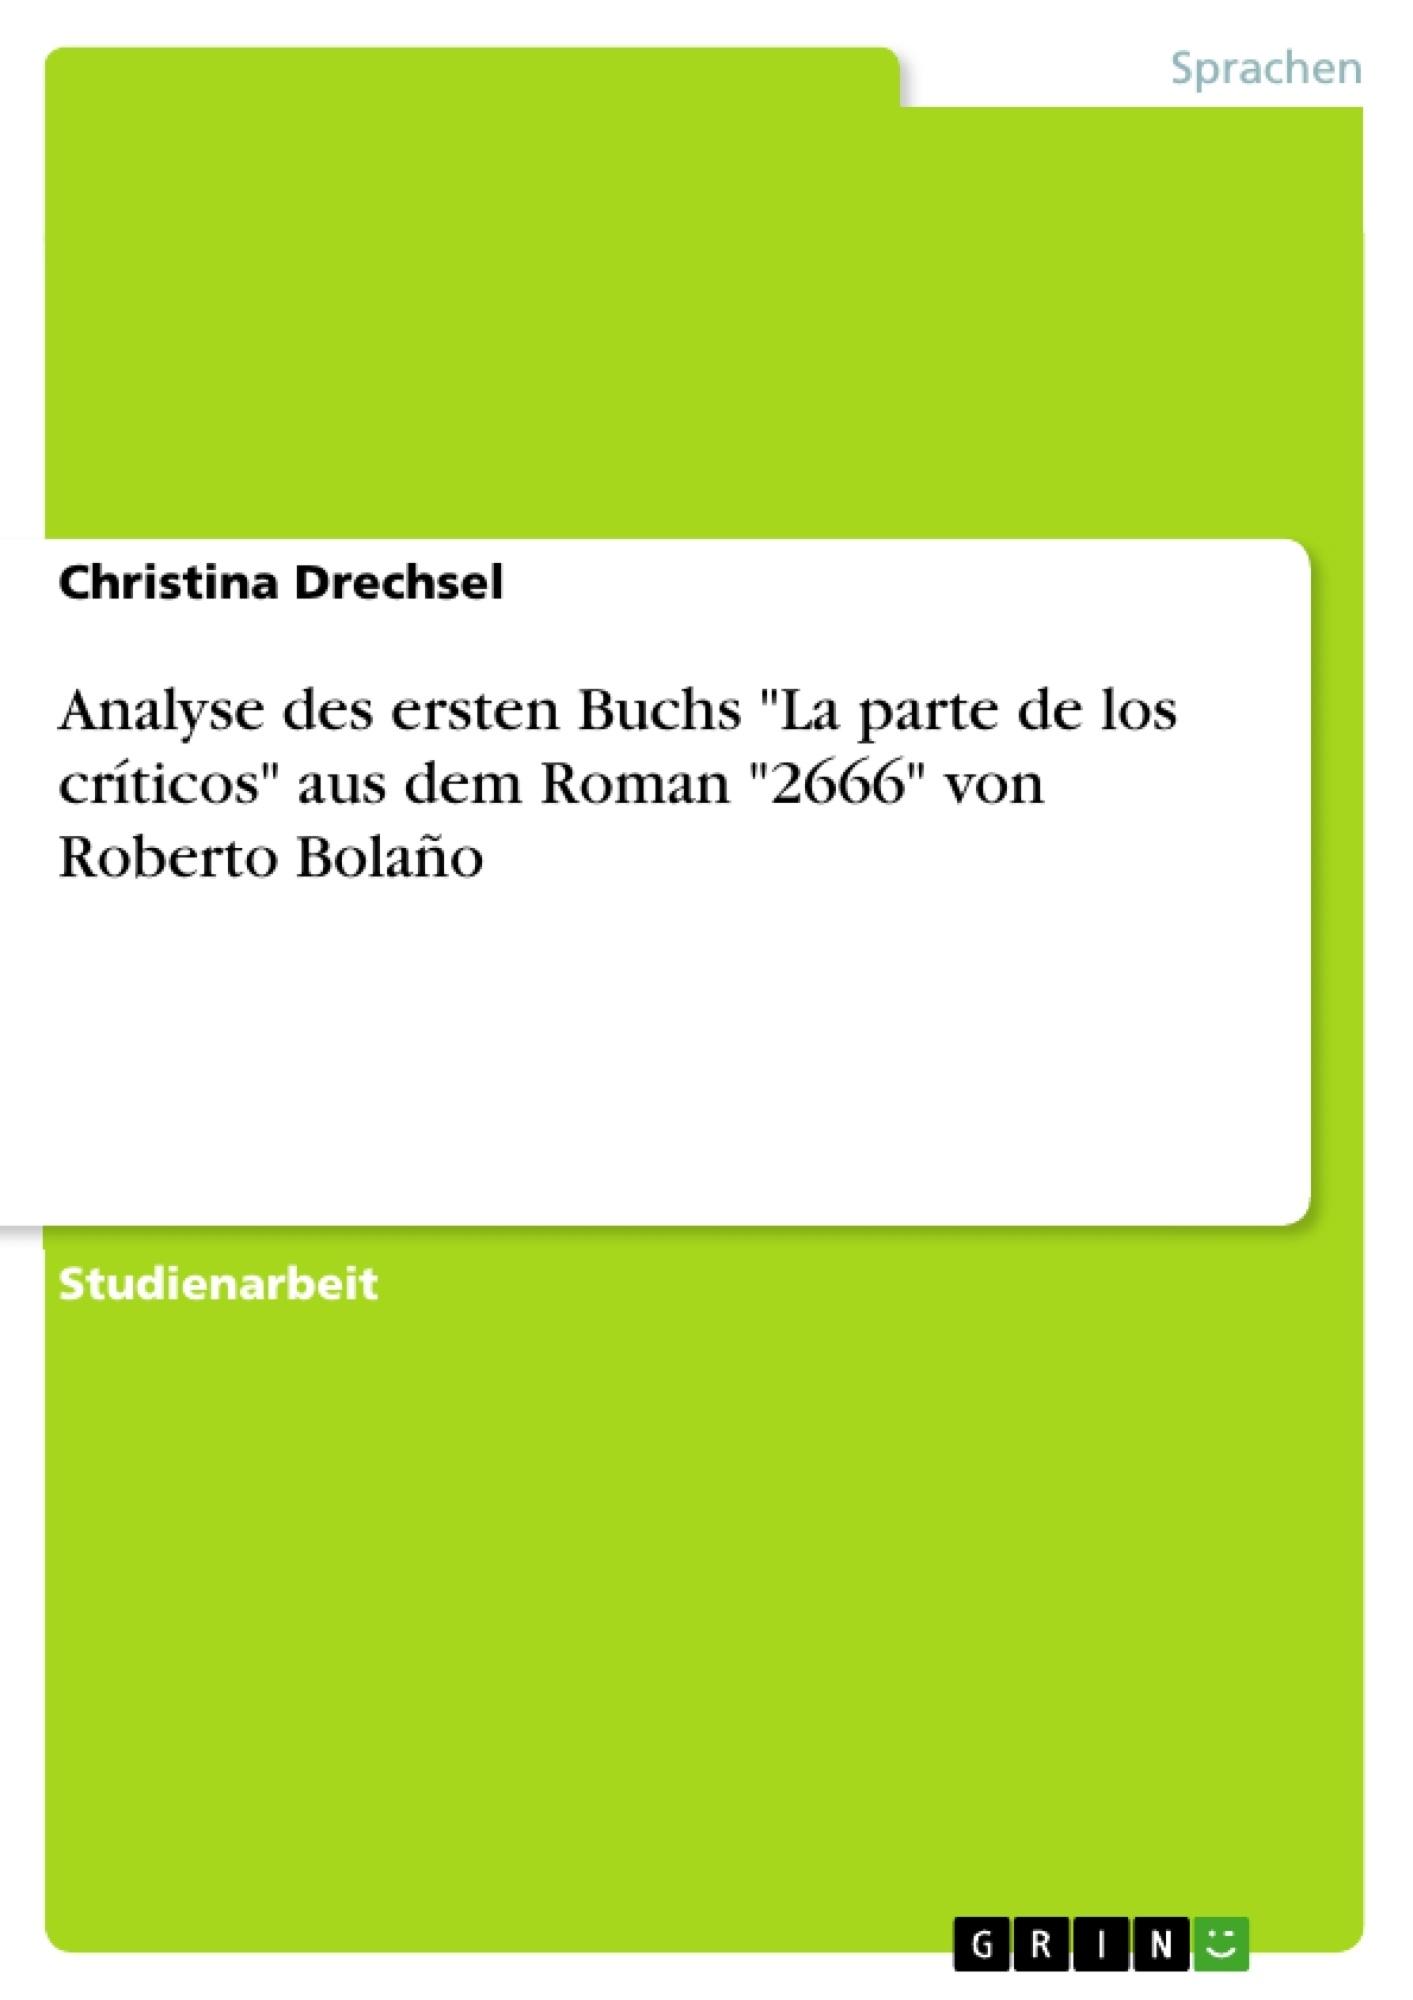 """Titel: Analyse des ersten Buchs """"La parte de los críticos"""" aus dem Roman """"2666"""" von Roberto Bolaño"""